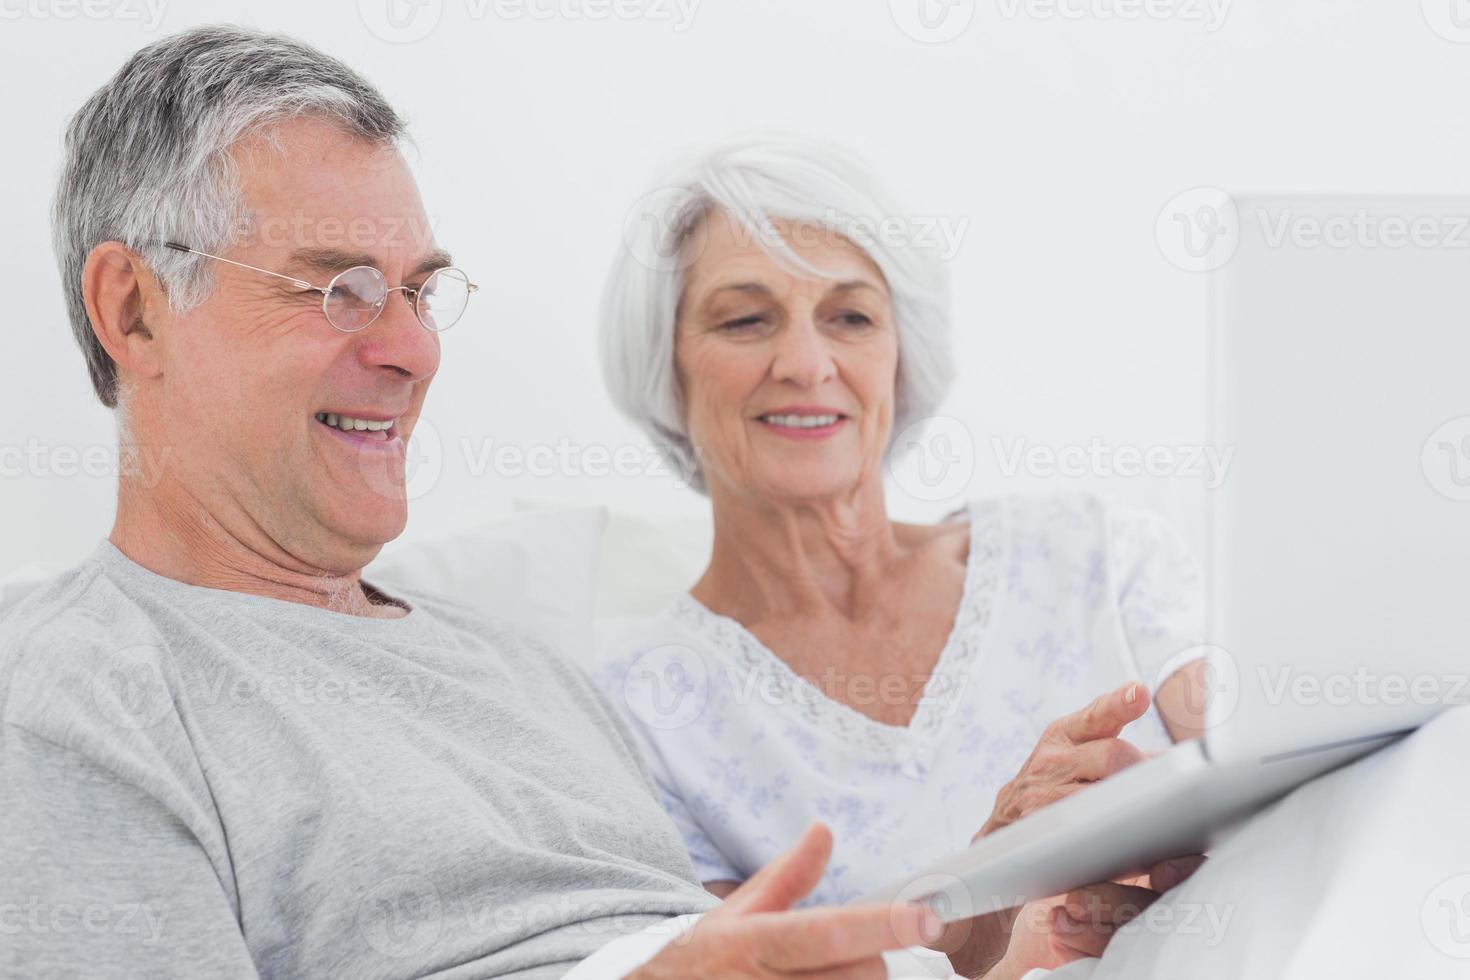 volwassen paar met behulp van een laptop samen foto